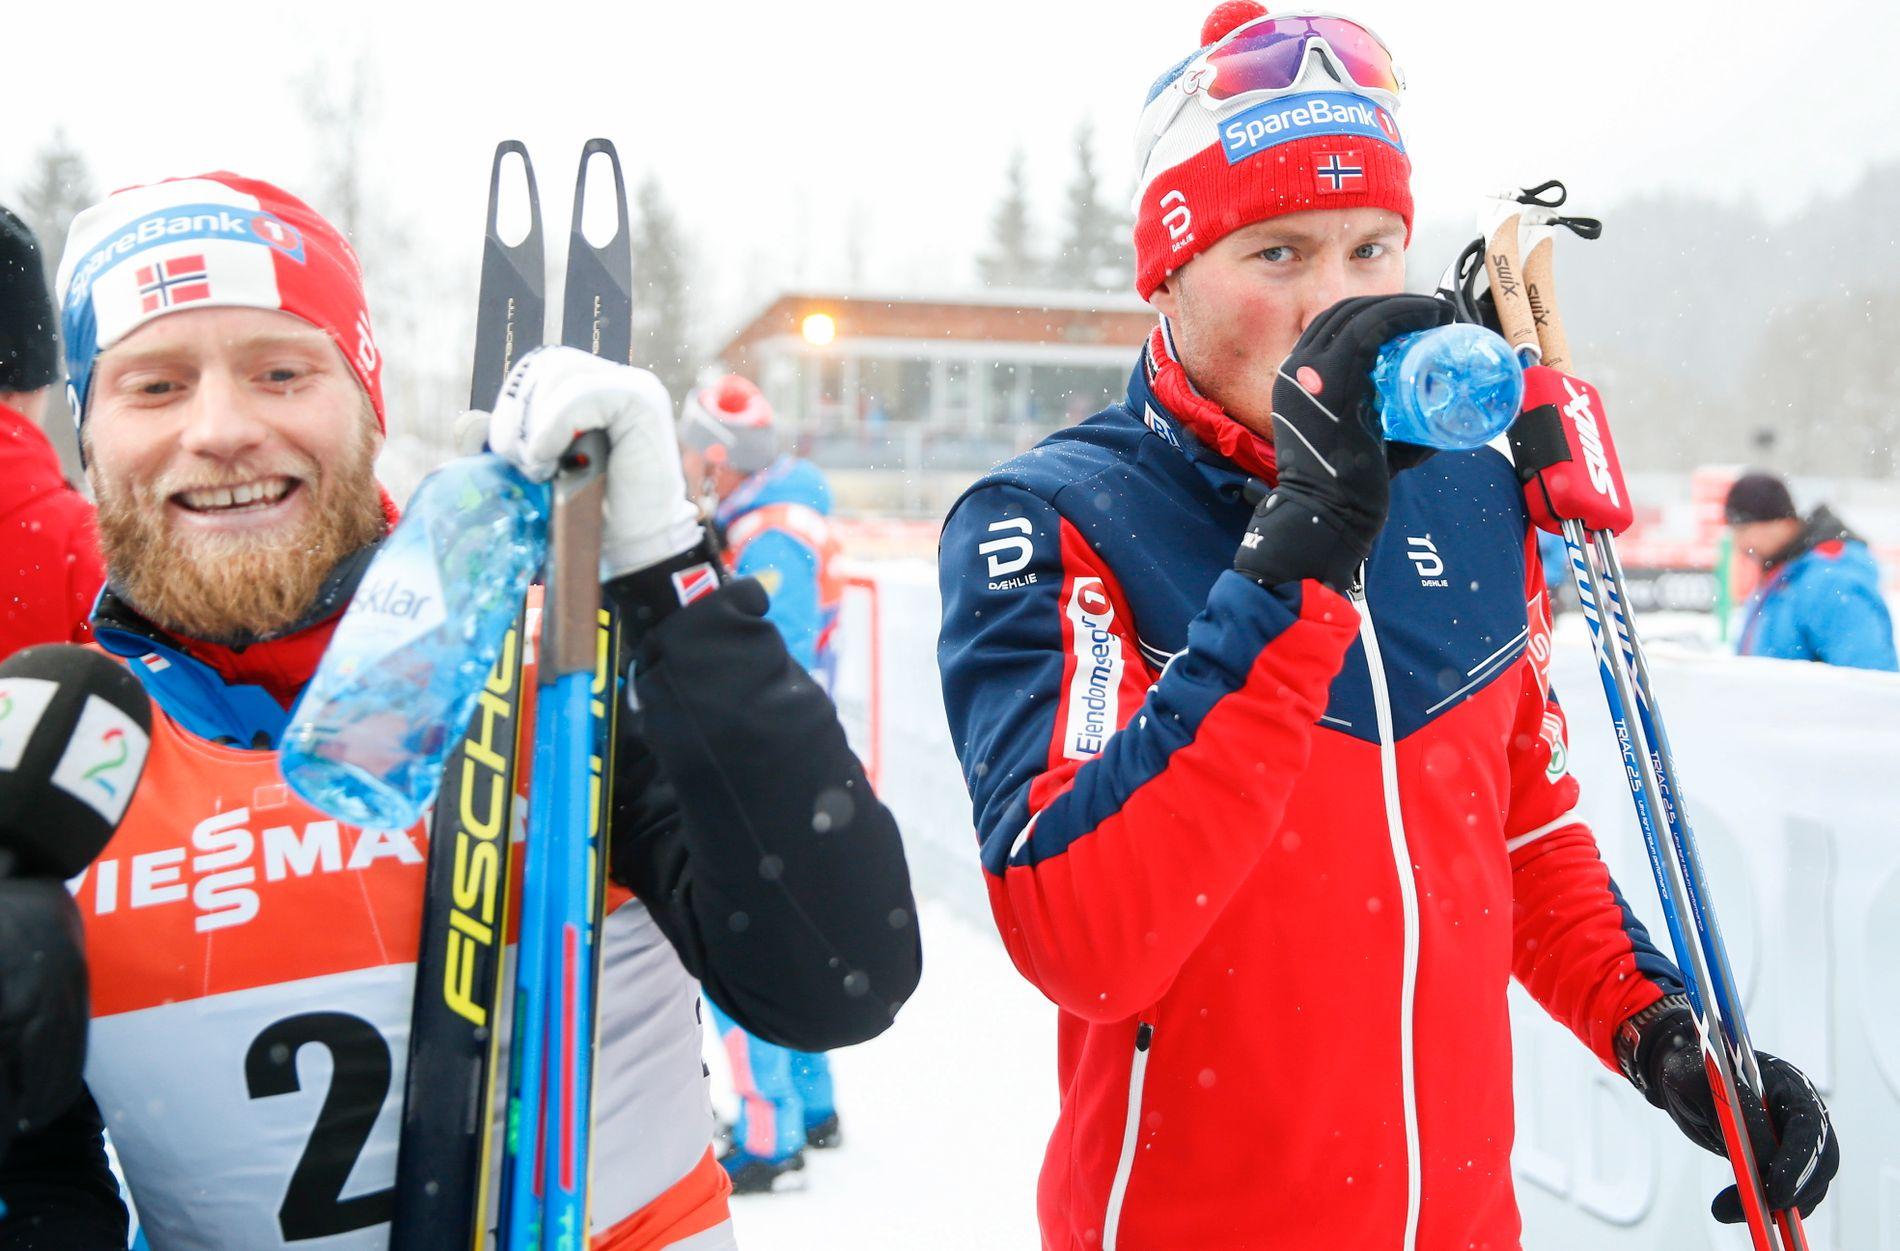 MED BLIKKET MOT LAHTI: Martin Johnsrud Sundby (t.v.) og Emil Iversen er begge gullhåp i Lahti-VM. Sundby er stor favoritt på femmila.